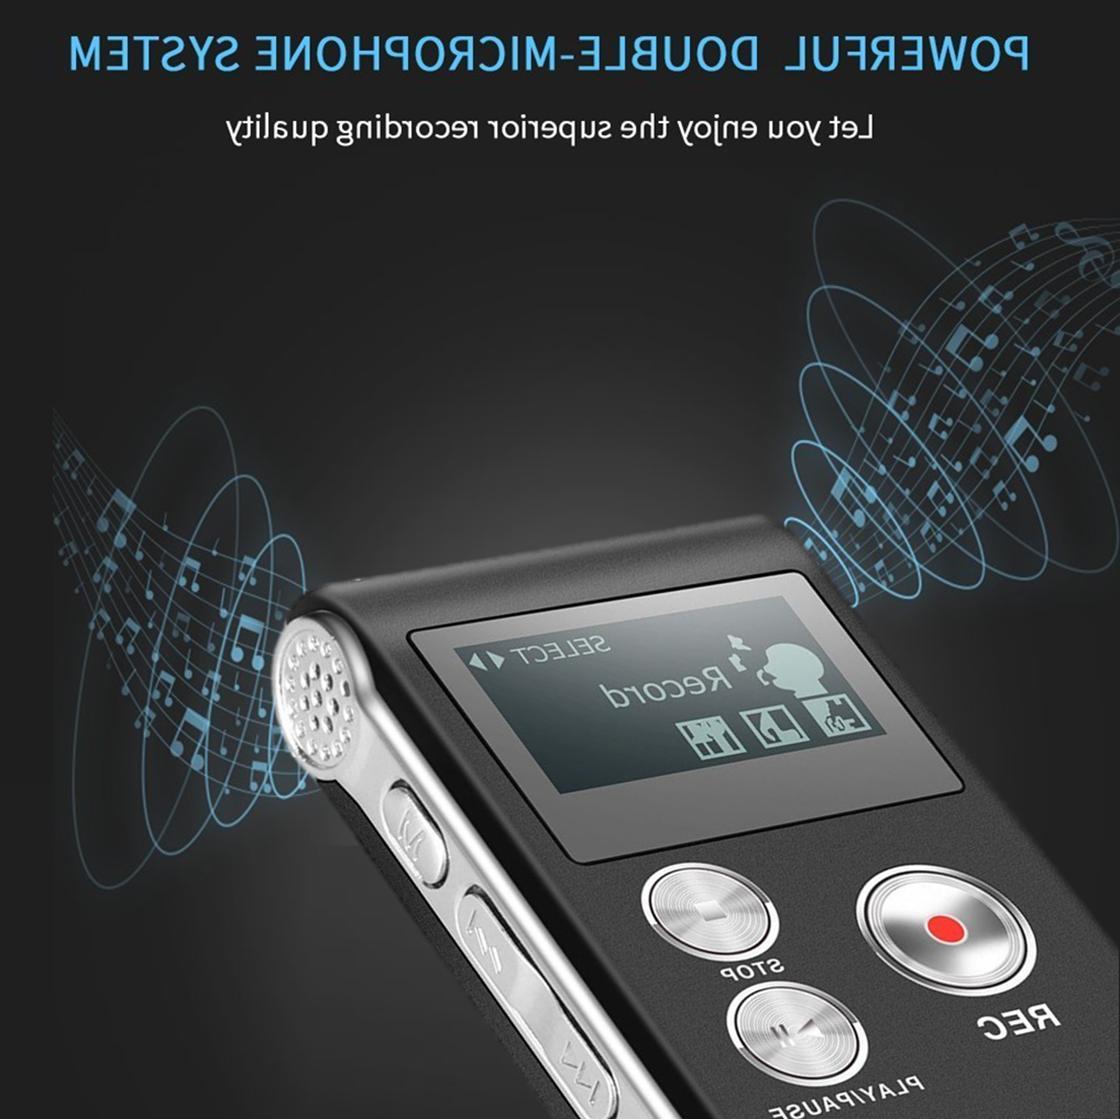 Voice Digital Recorder 8GB w Landline